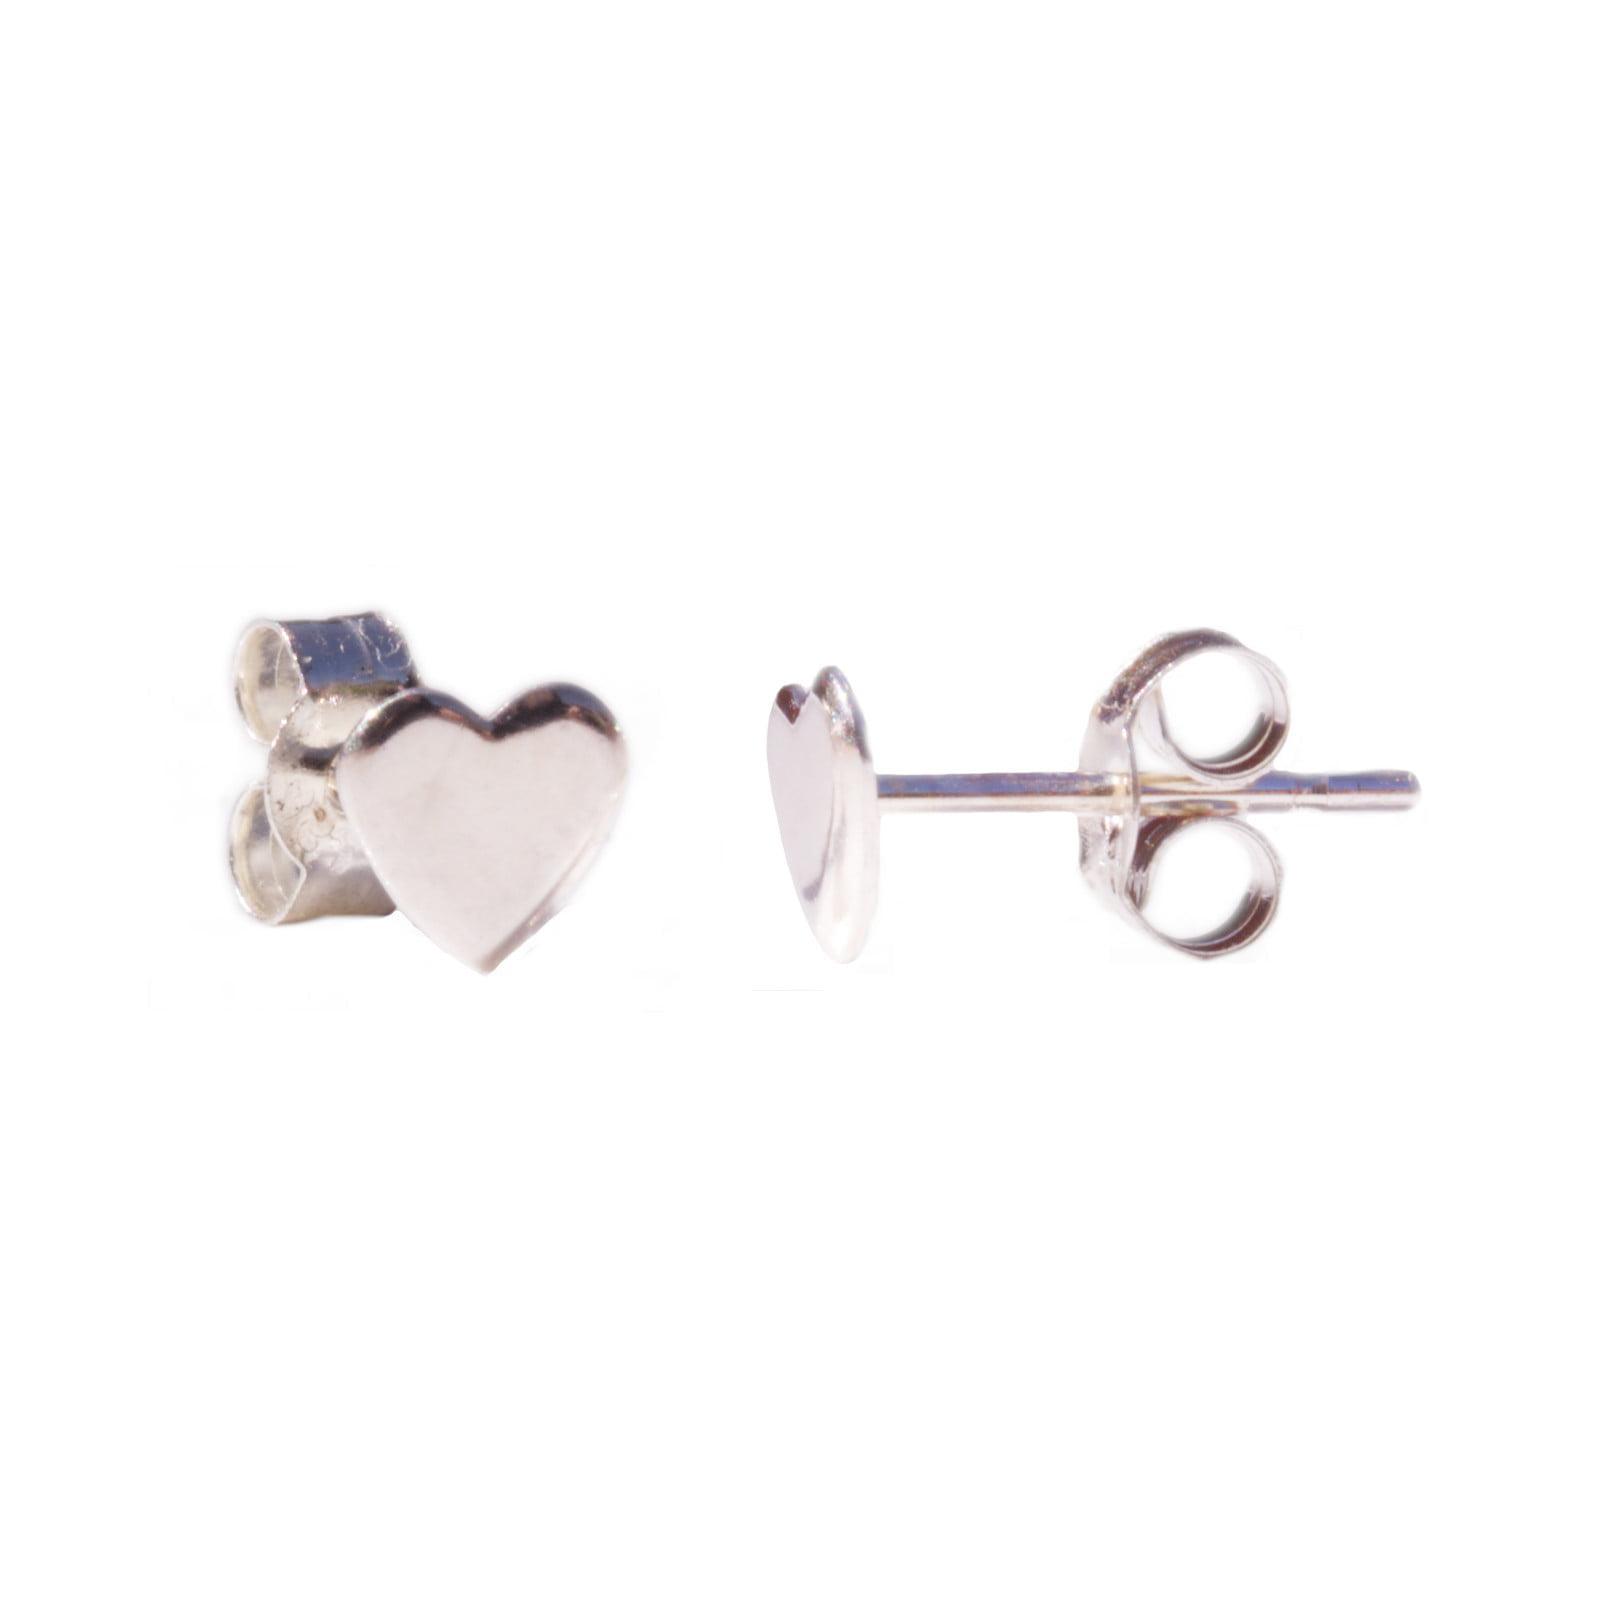 Plain Heart Stud Earrings in 925 Sterling Silver